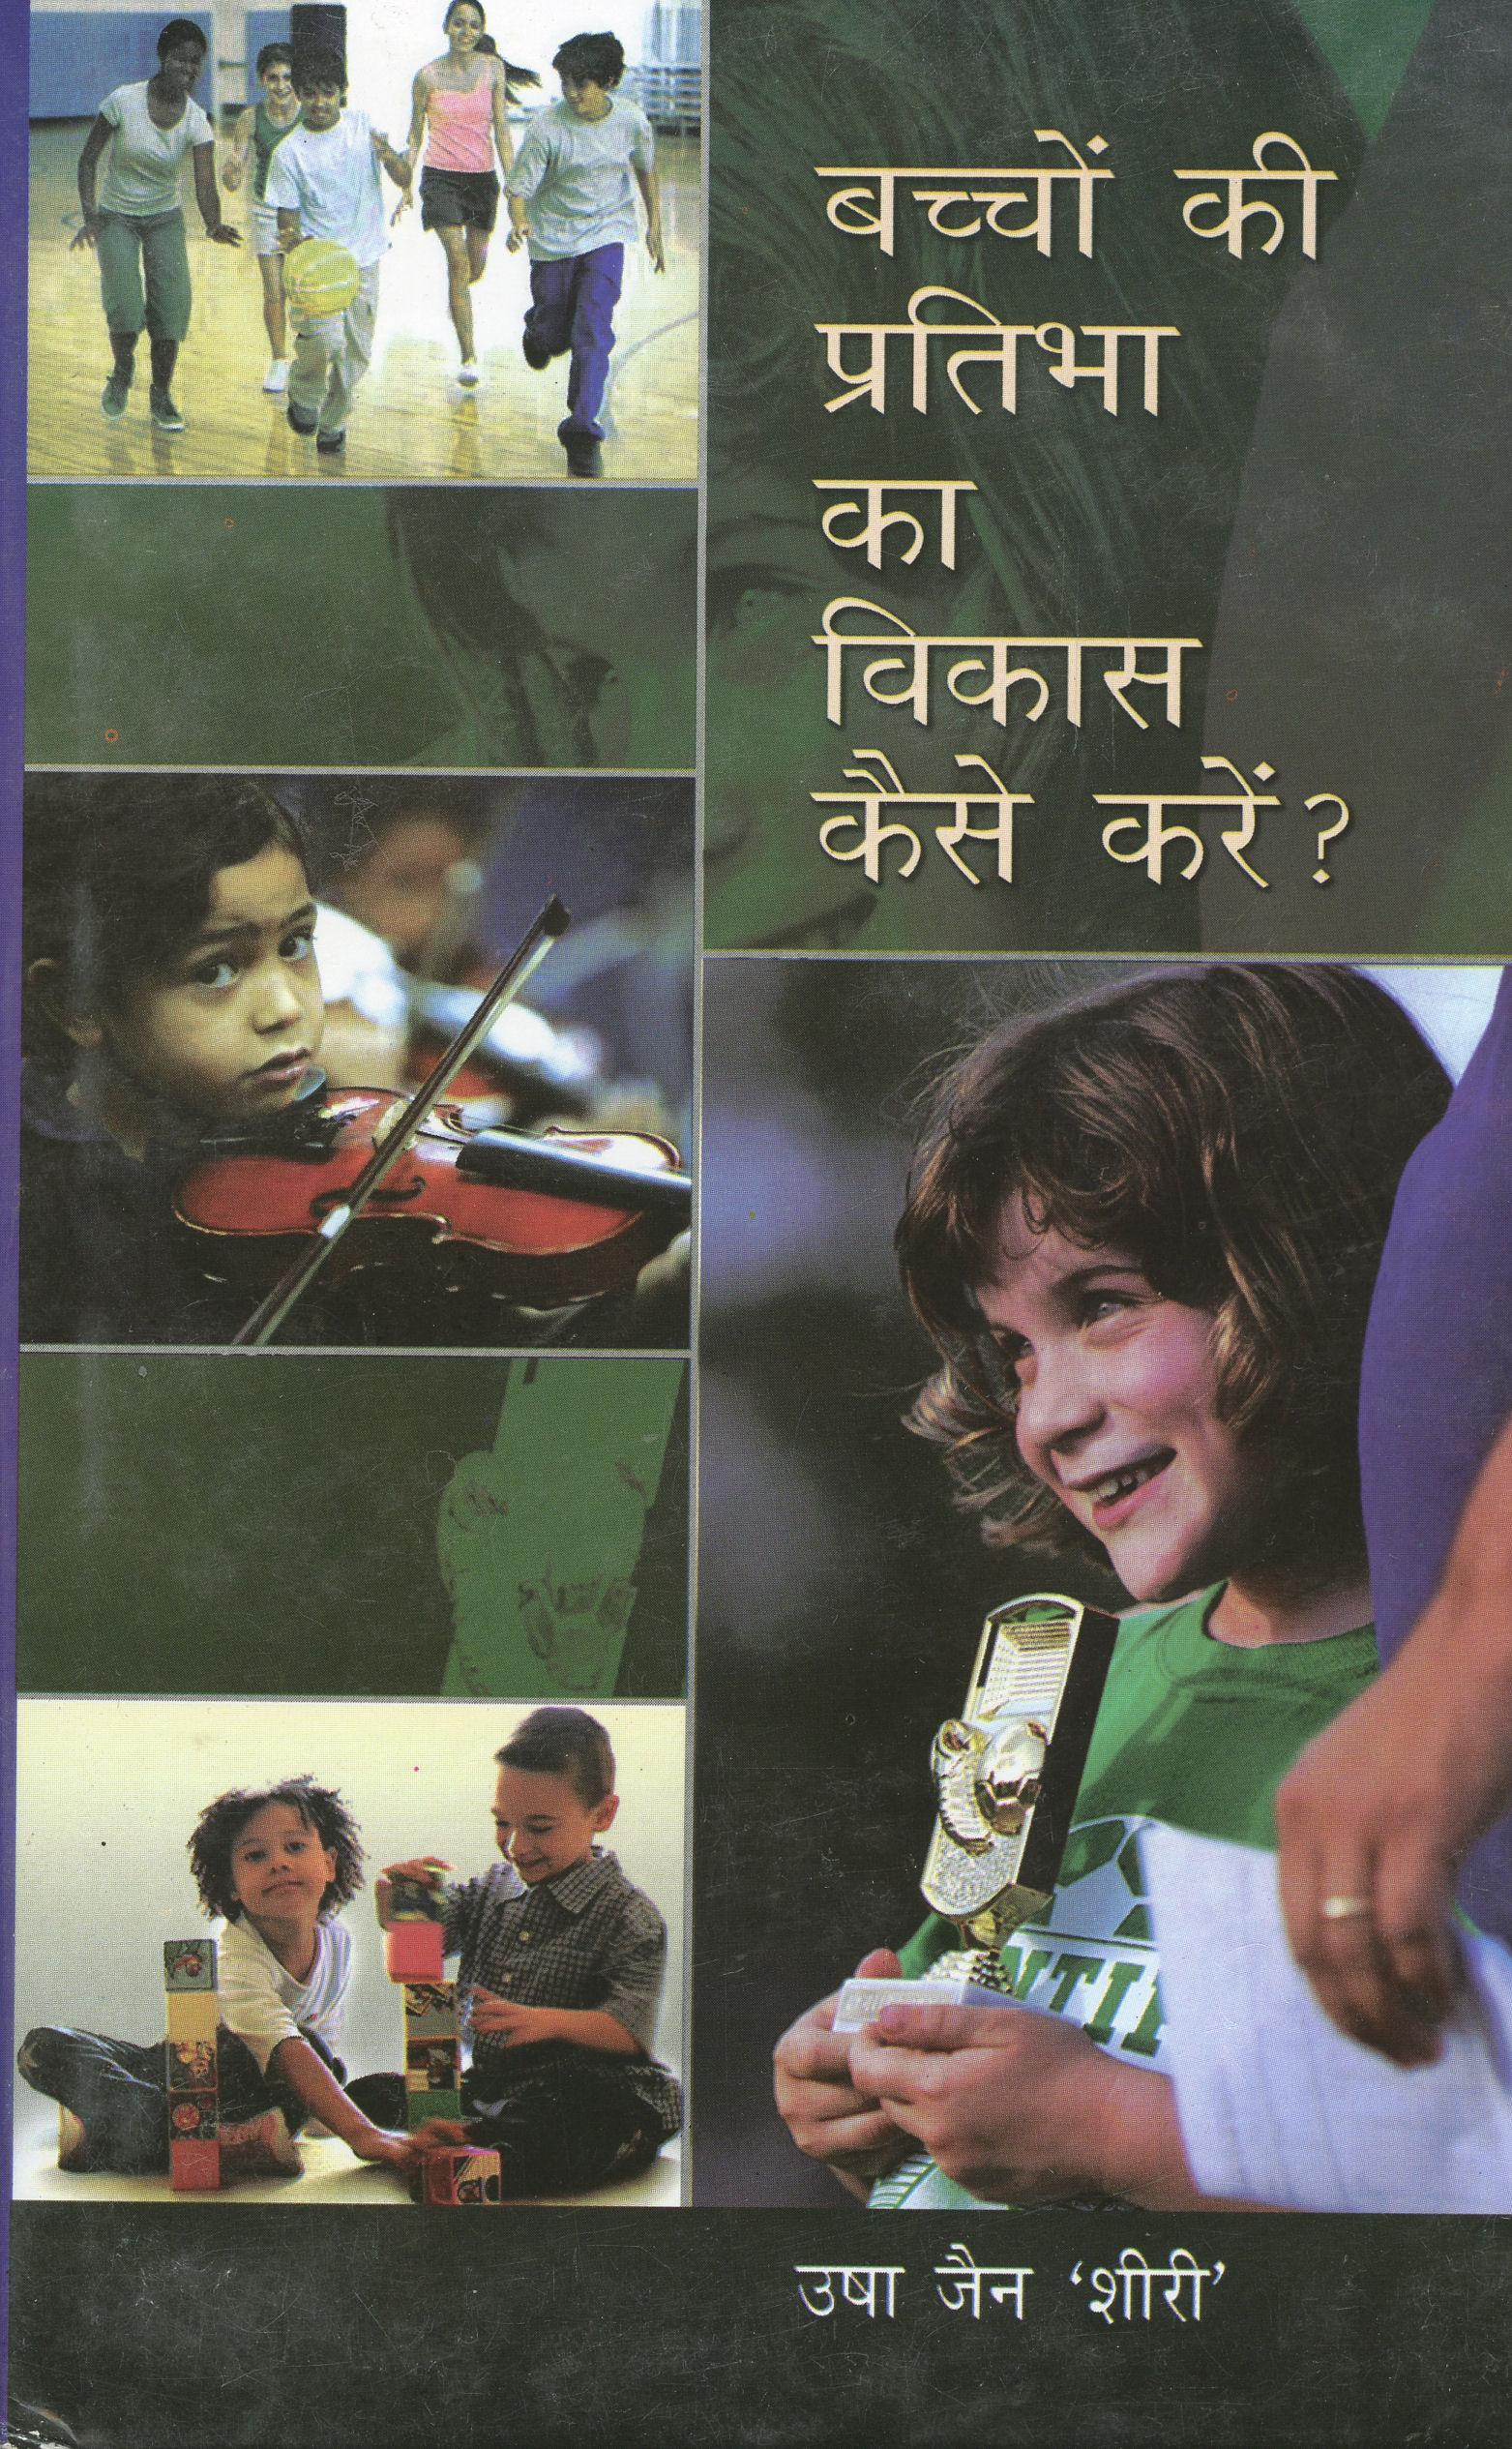 Bachchon Ki Pratibha Ka Vikas kaise karen?